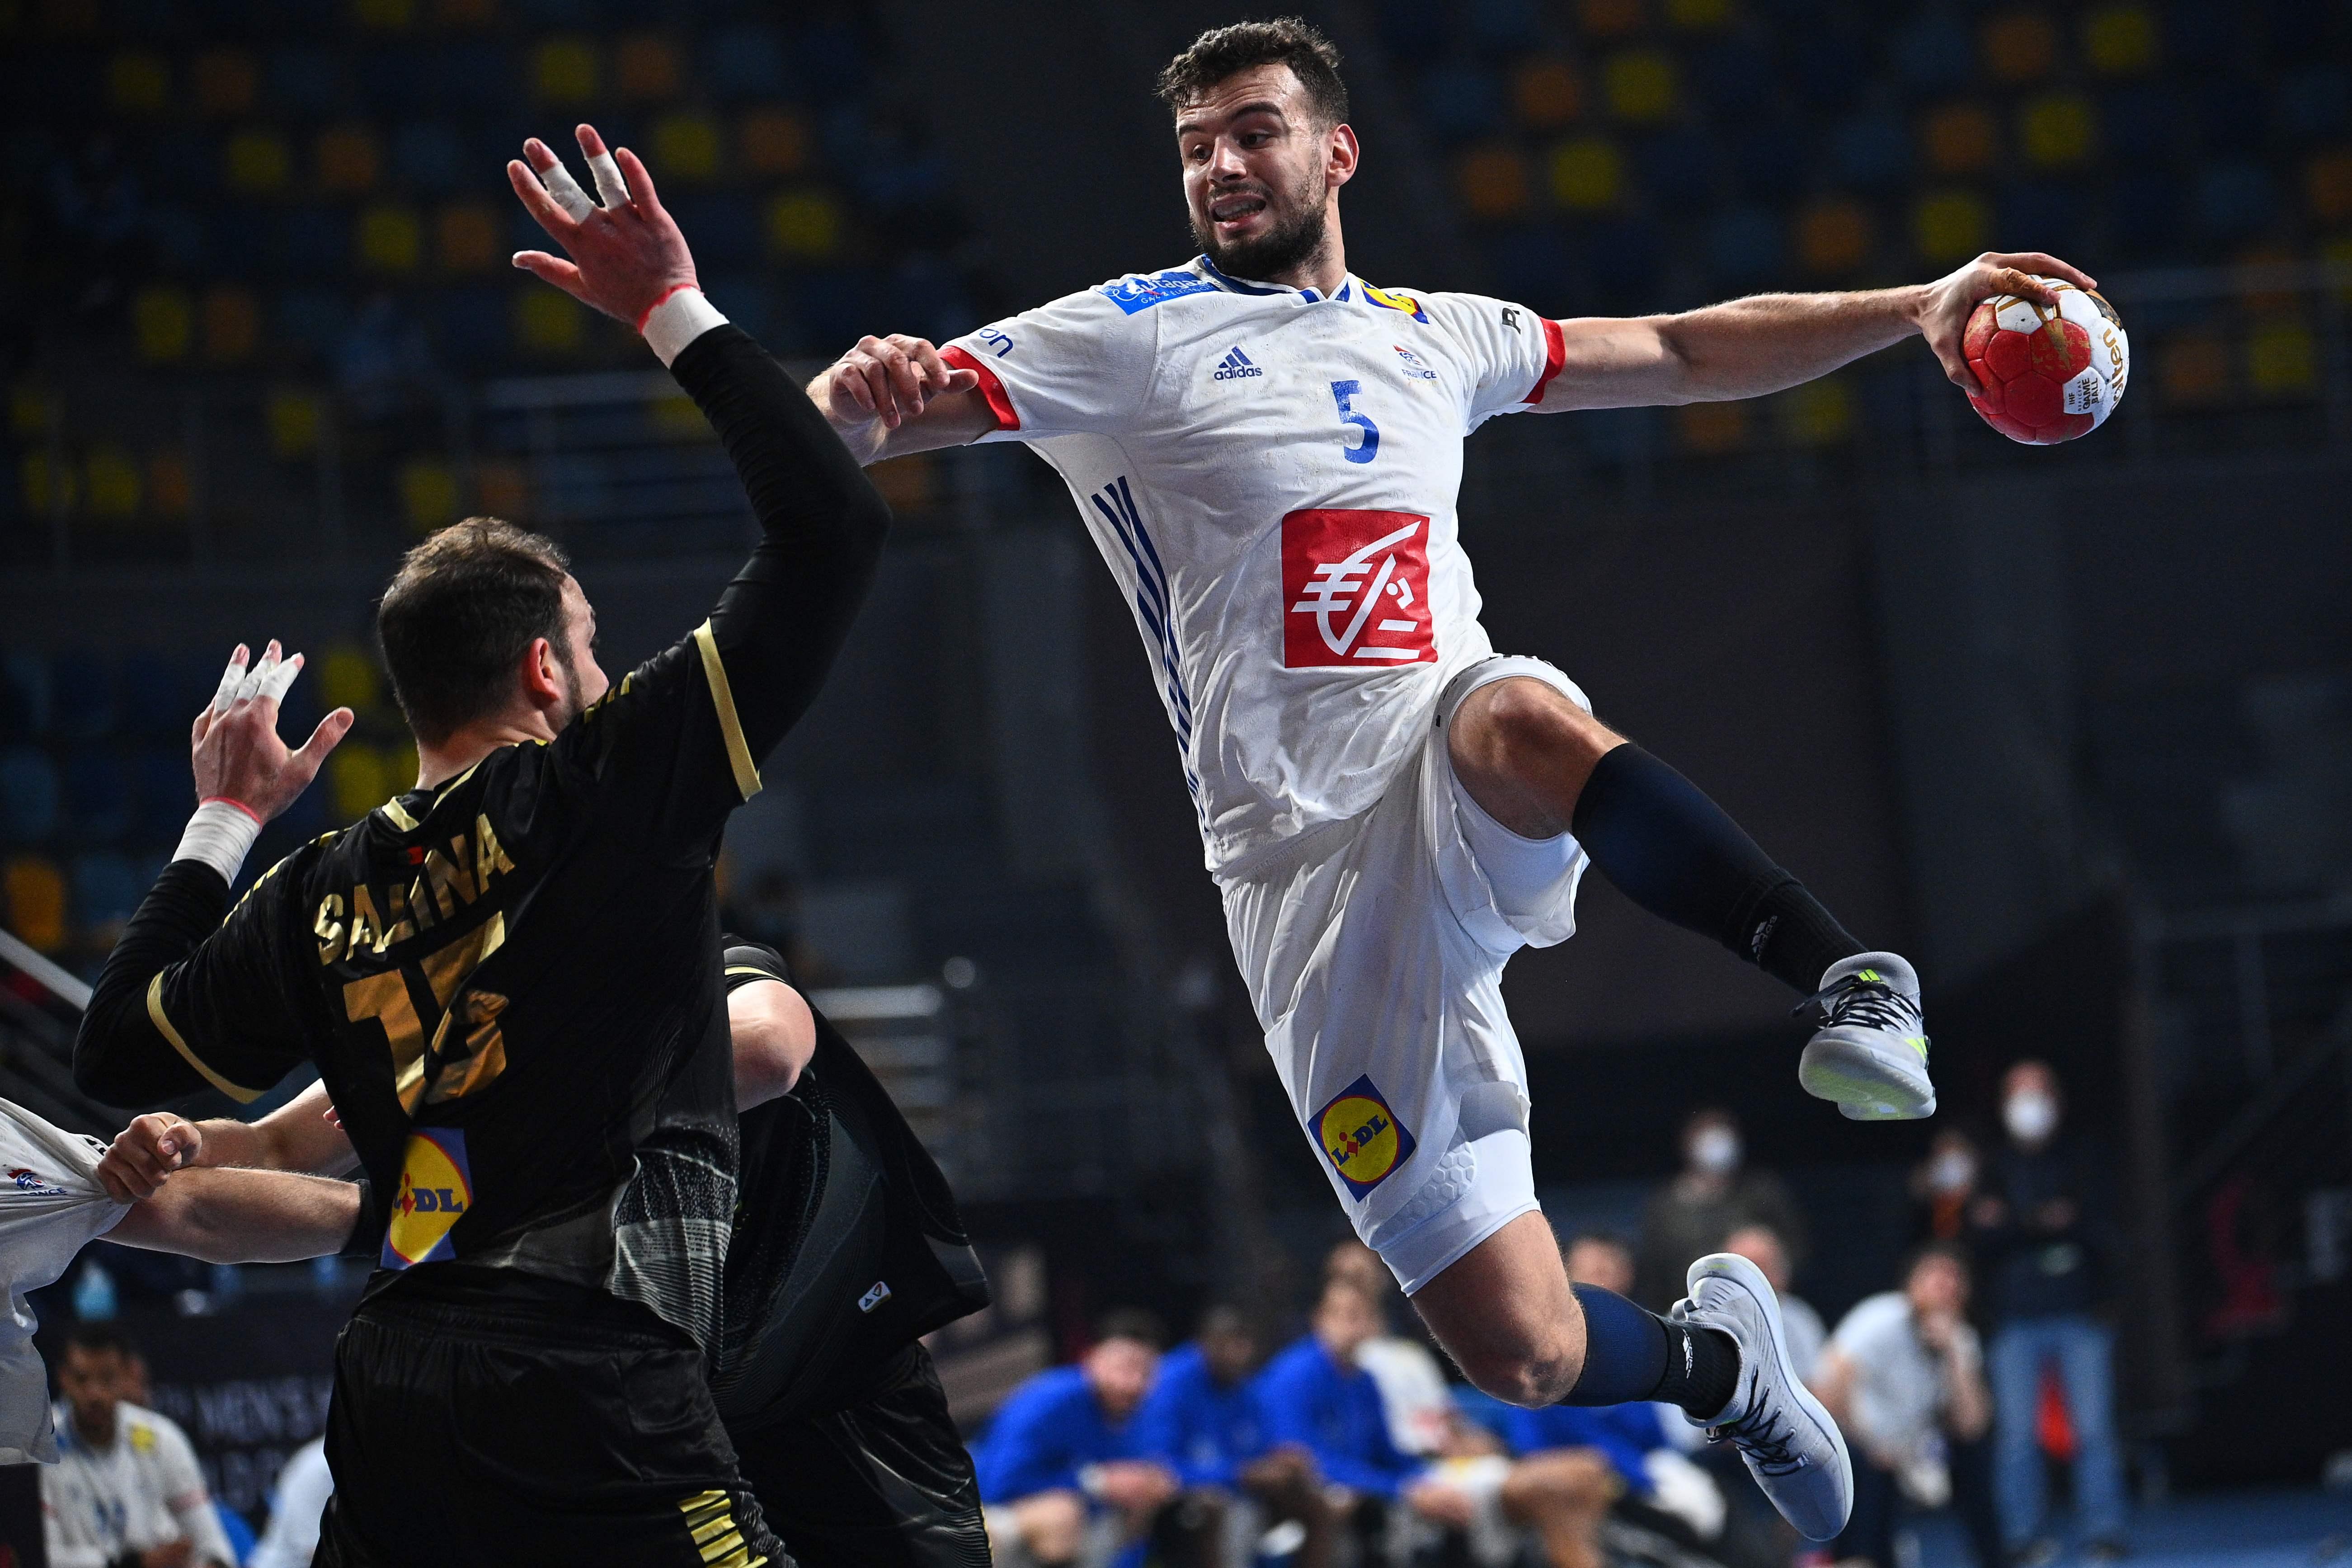 Mondial-2021 de handball: La France atteint les quarts, tout comme la Norvège, la Suède et l'Egypte